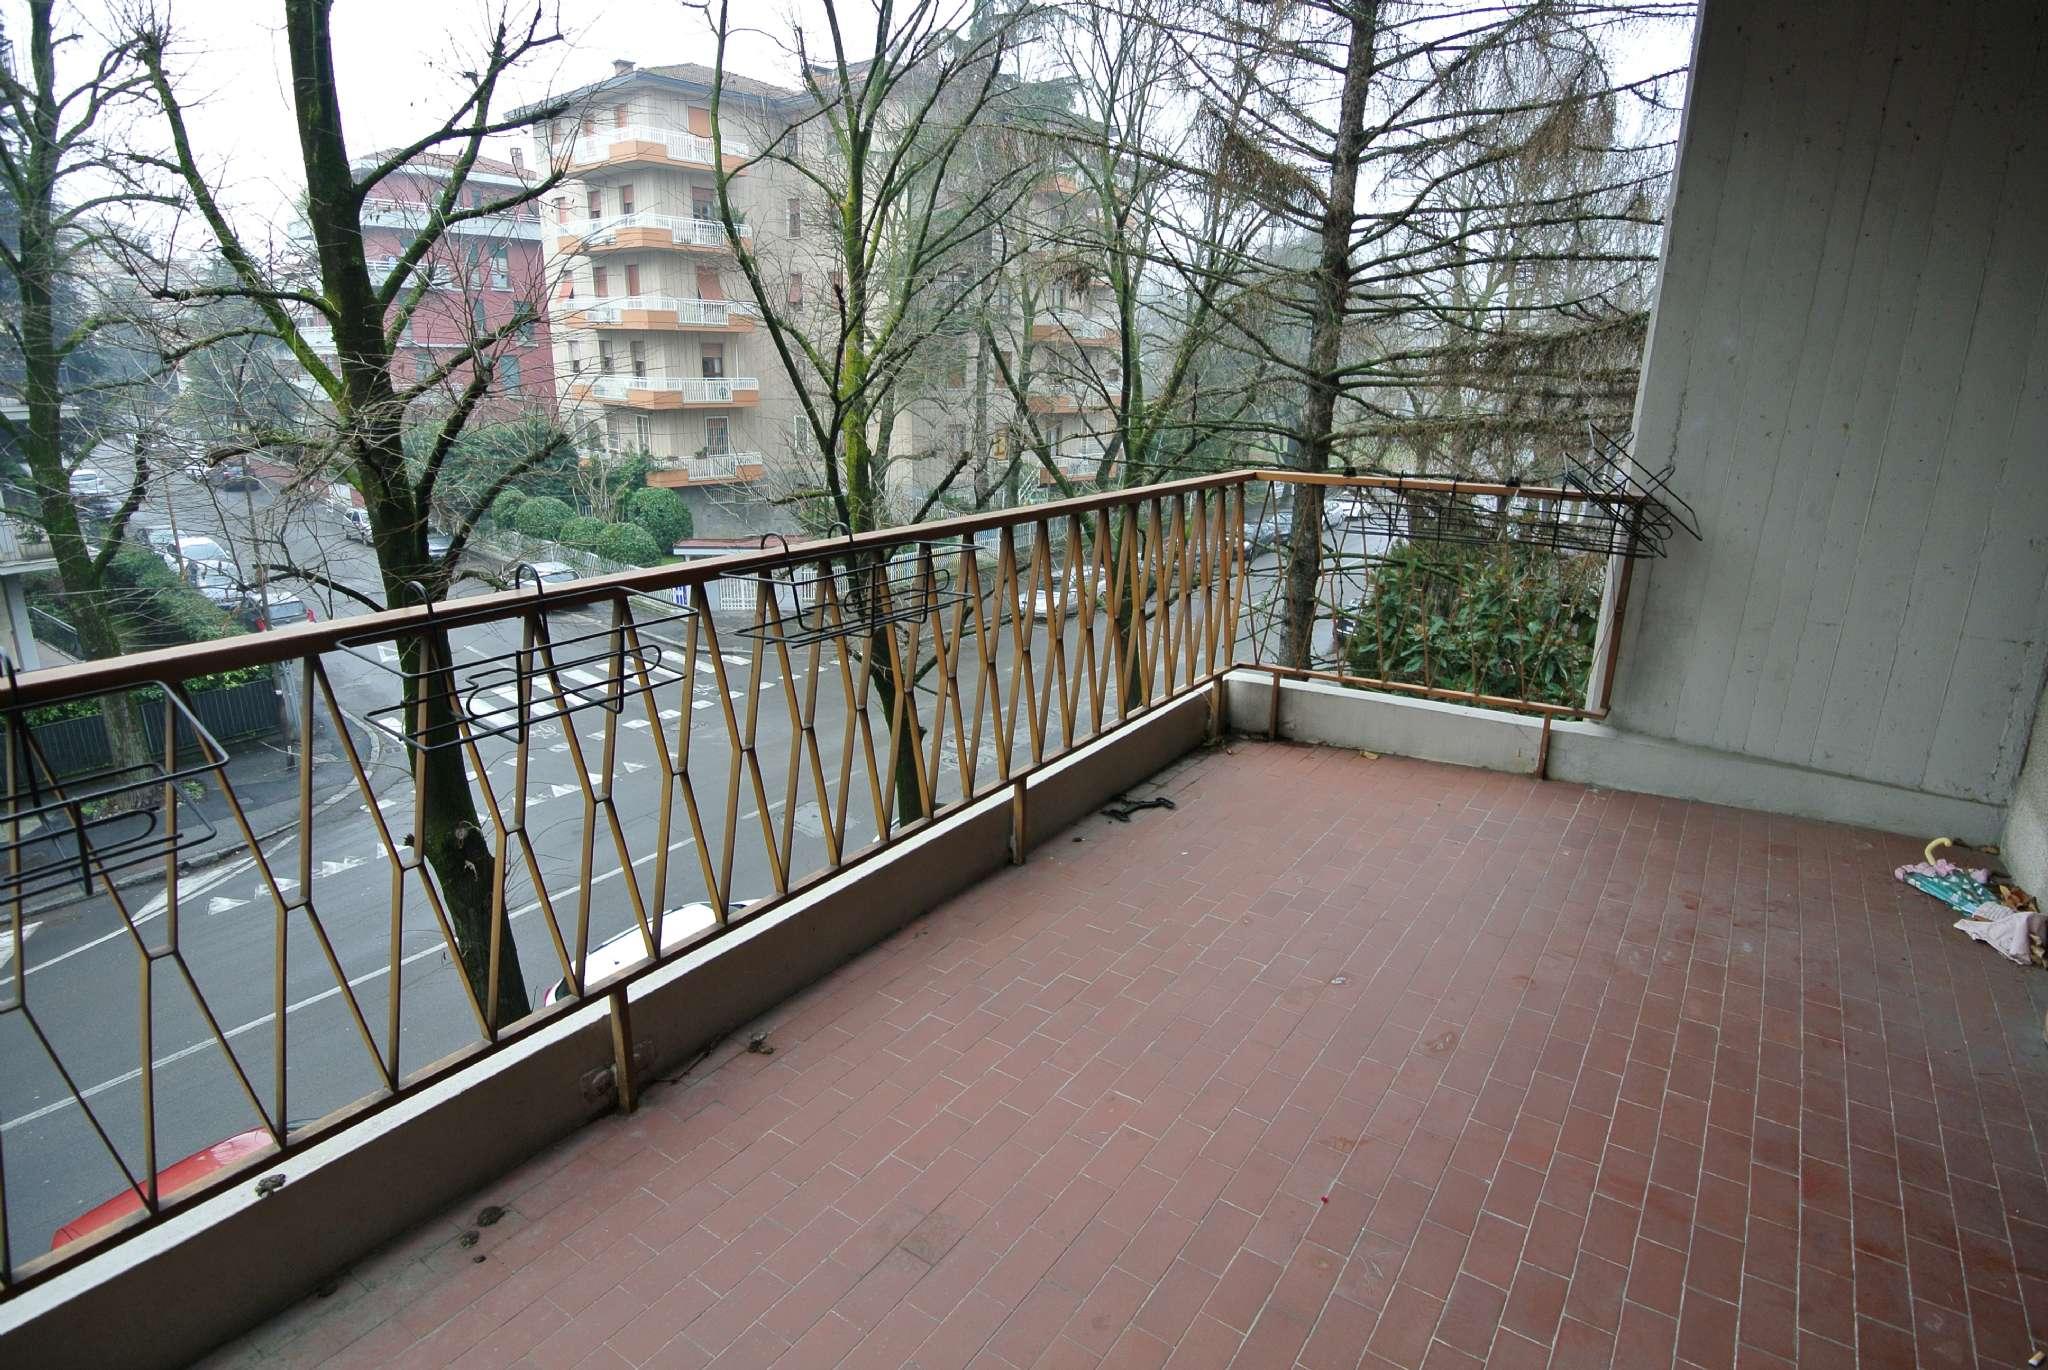 Signorile quadrilocale arredato con terrazzi, doppi servizi, cantina e garage - Cittadella